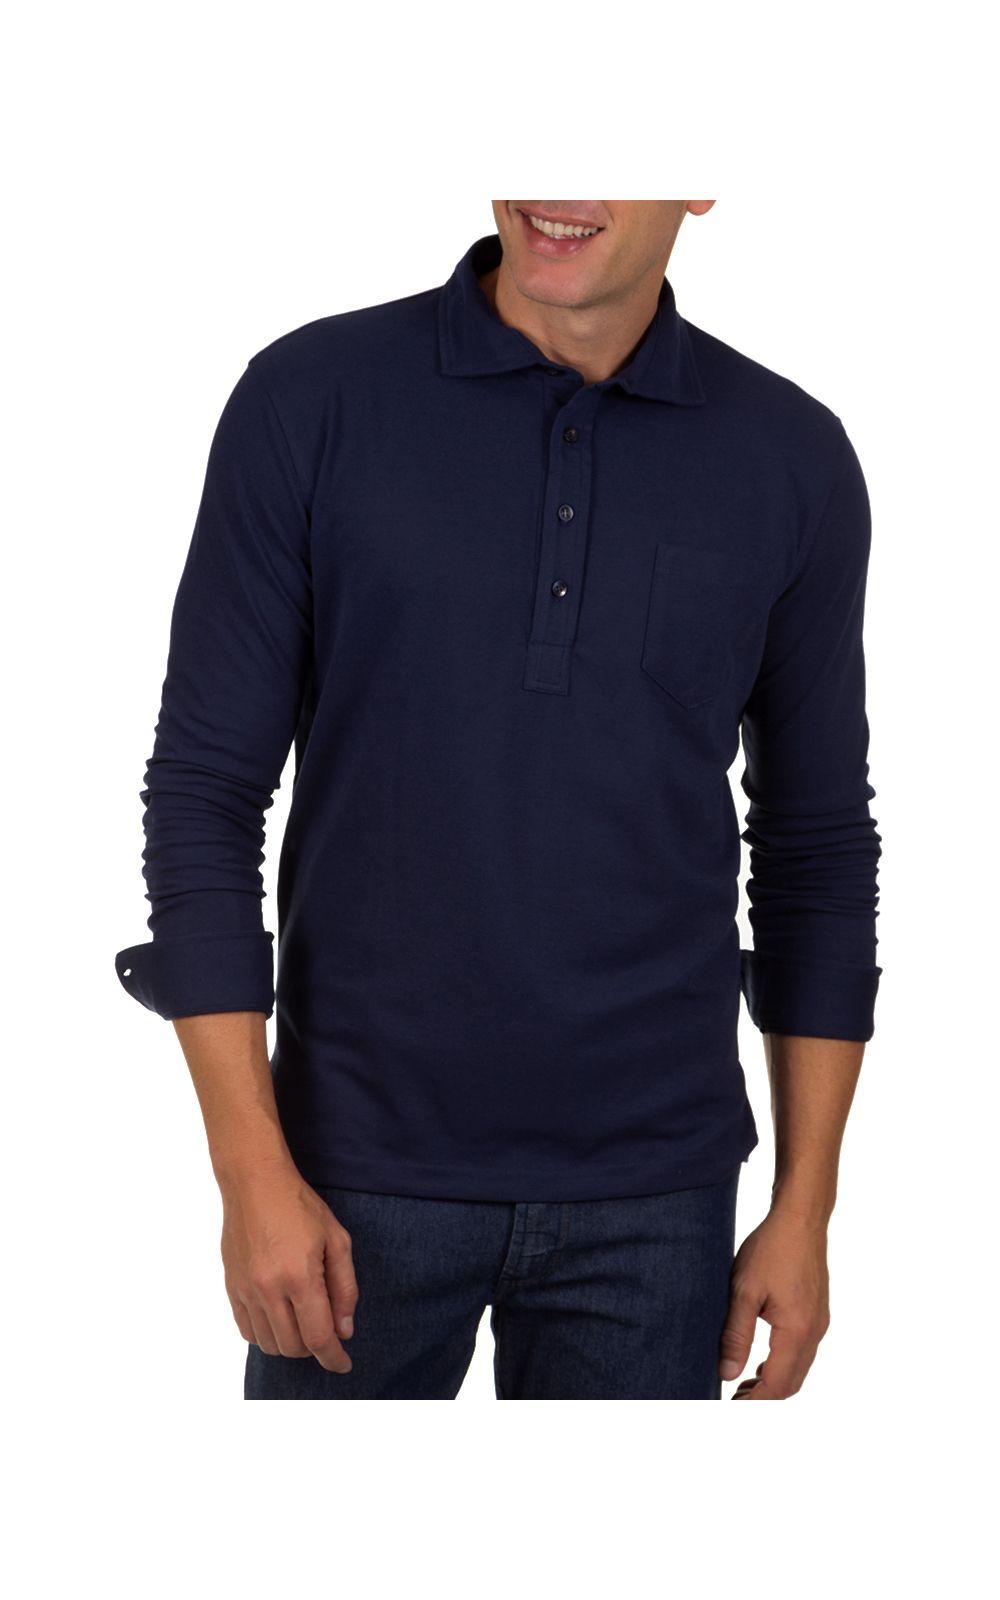 Foto 1 - Camisa Polo Masculina Azul Escuro Lisa